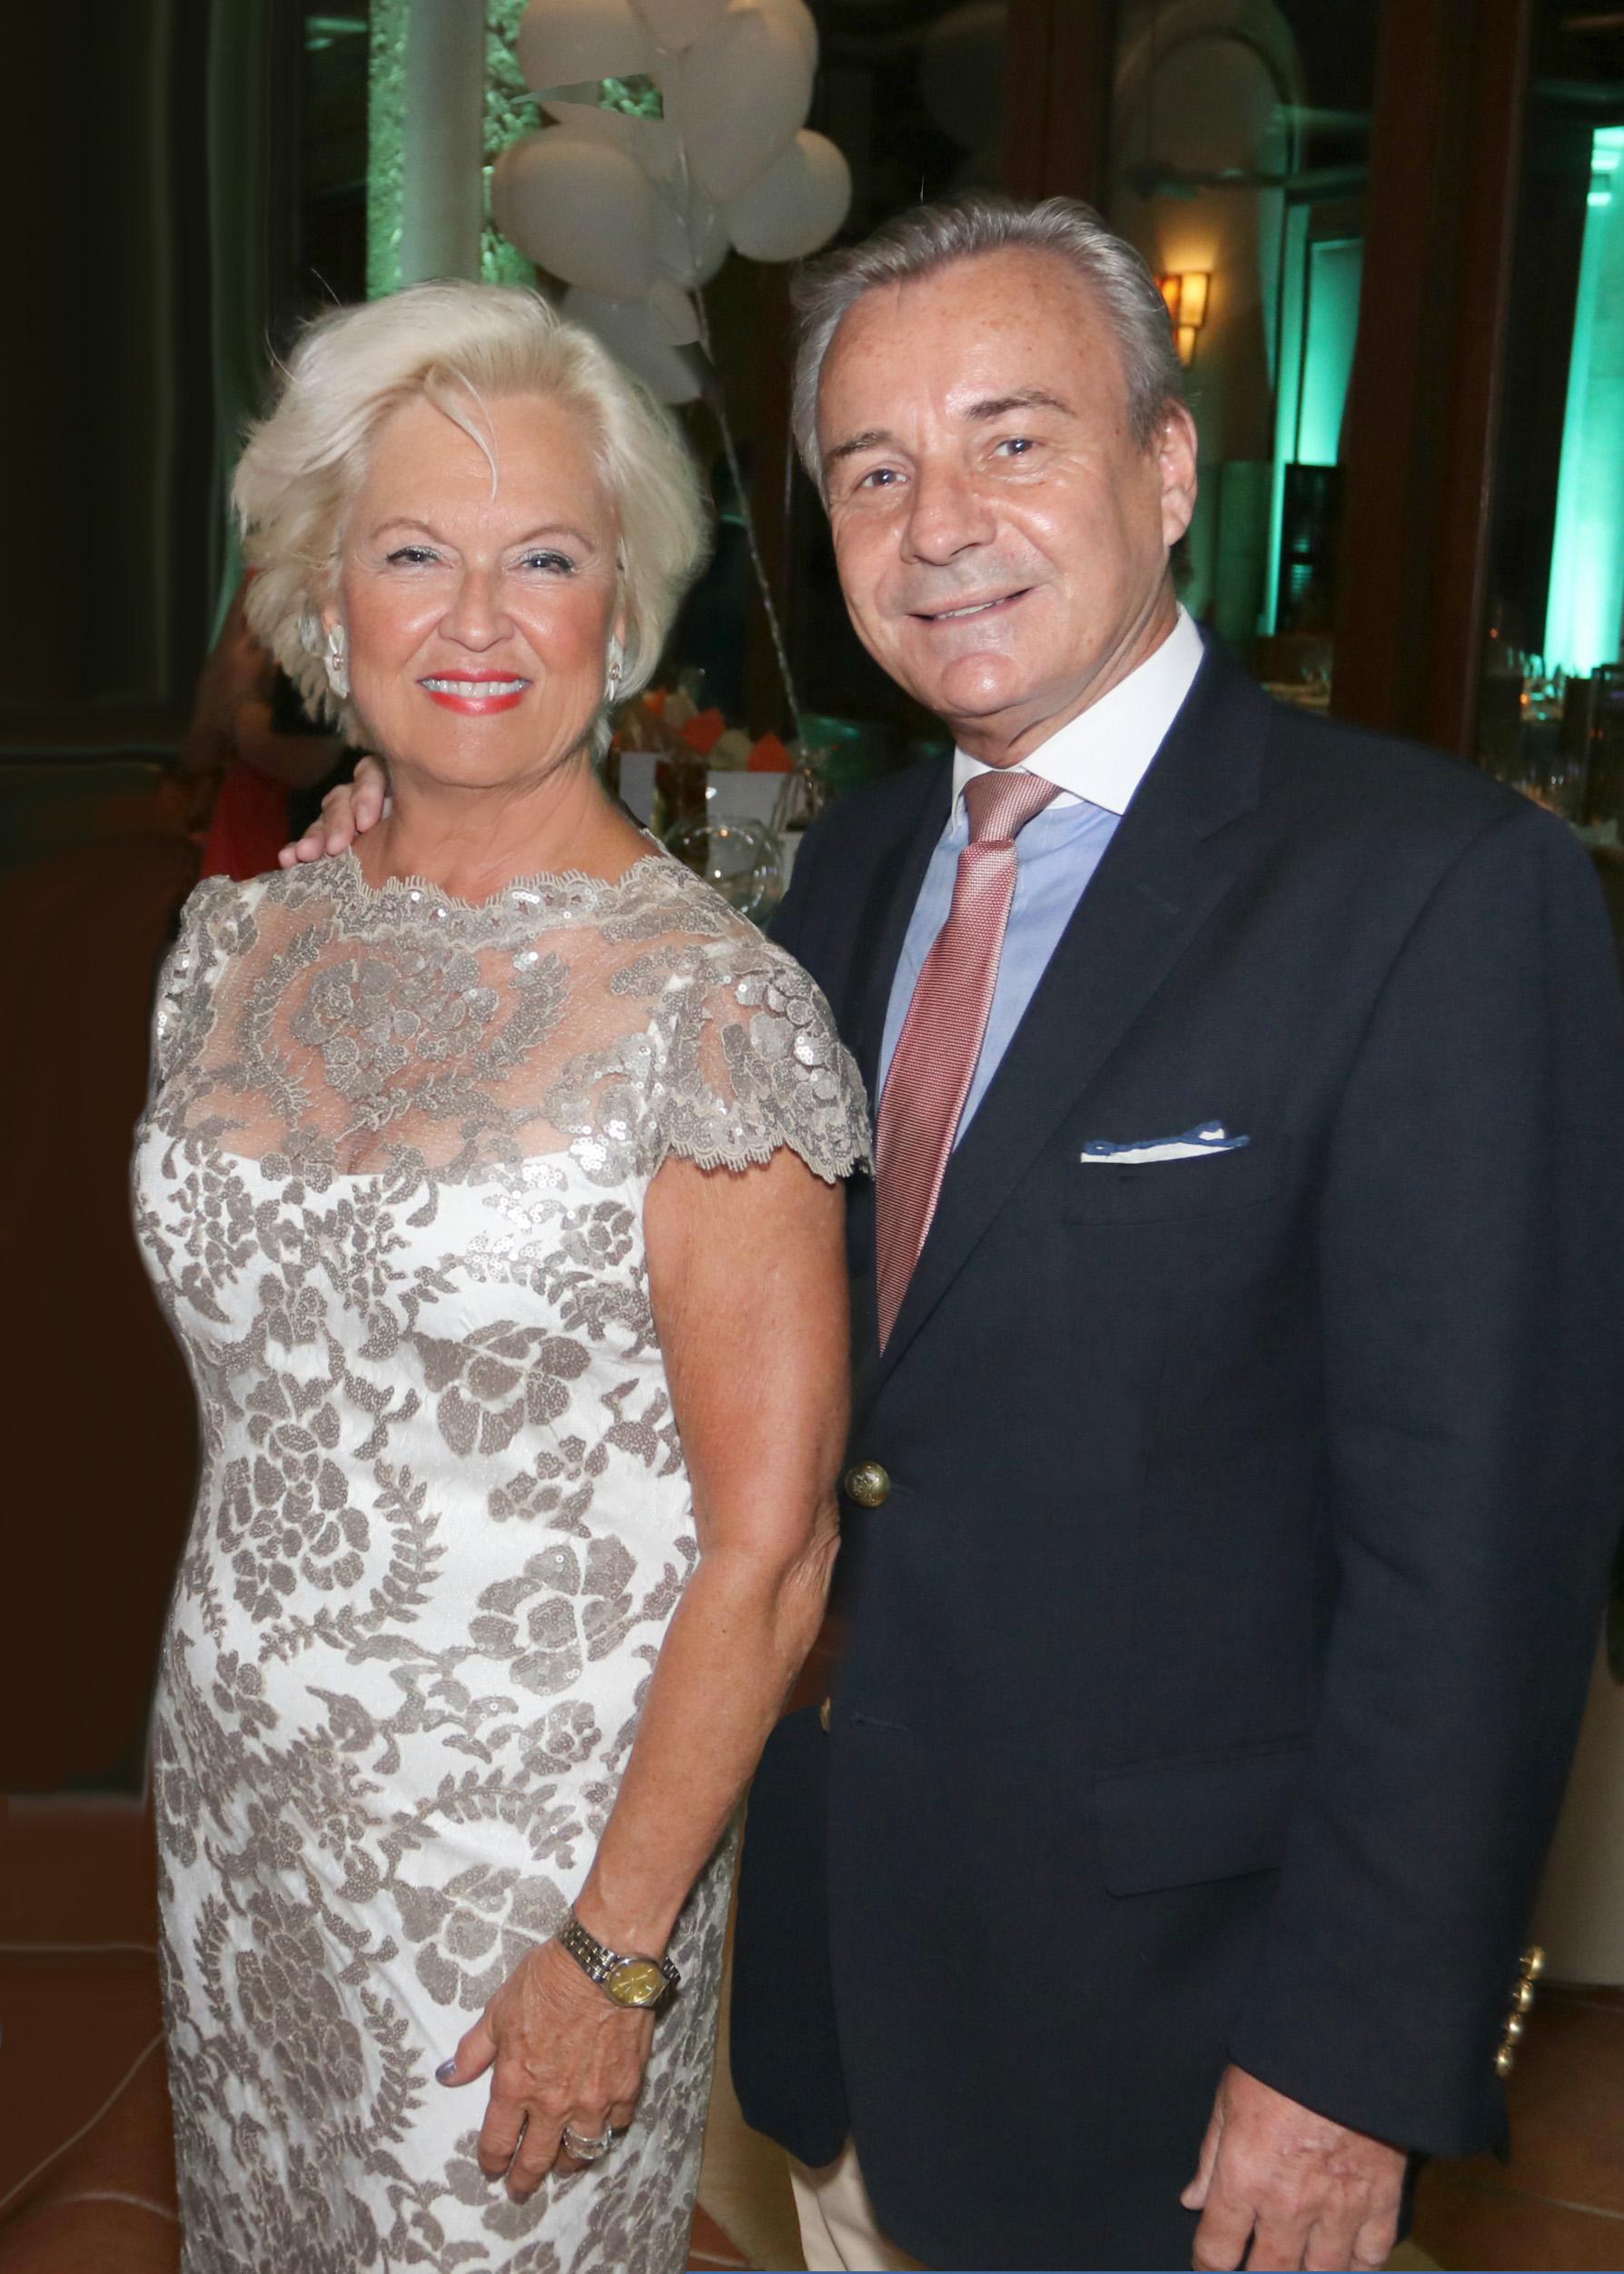 Elaine Leary, Franck Laverdin